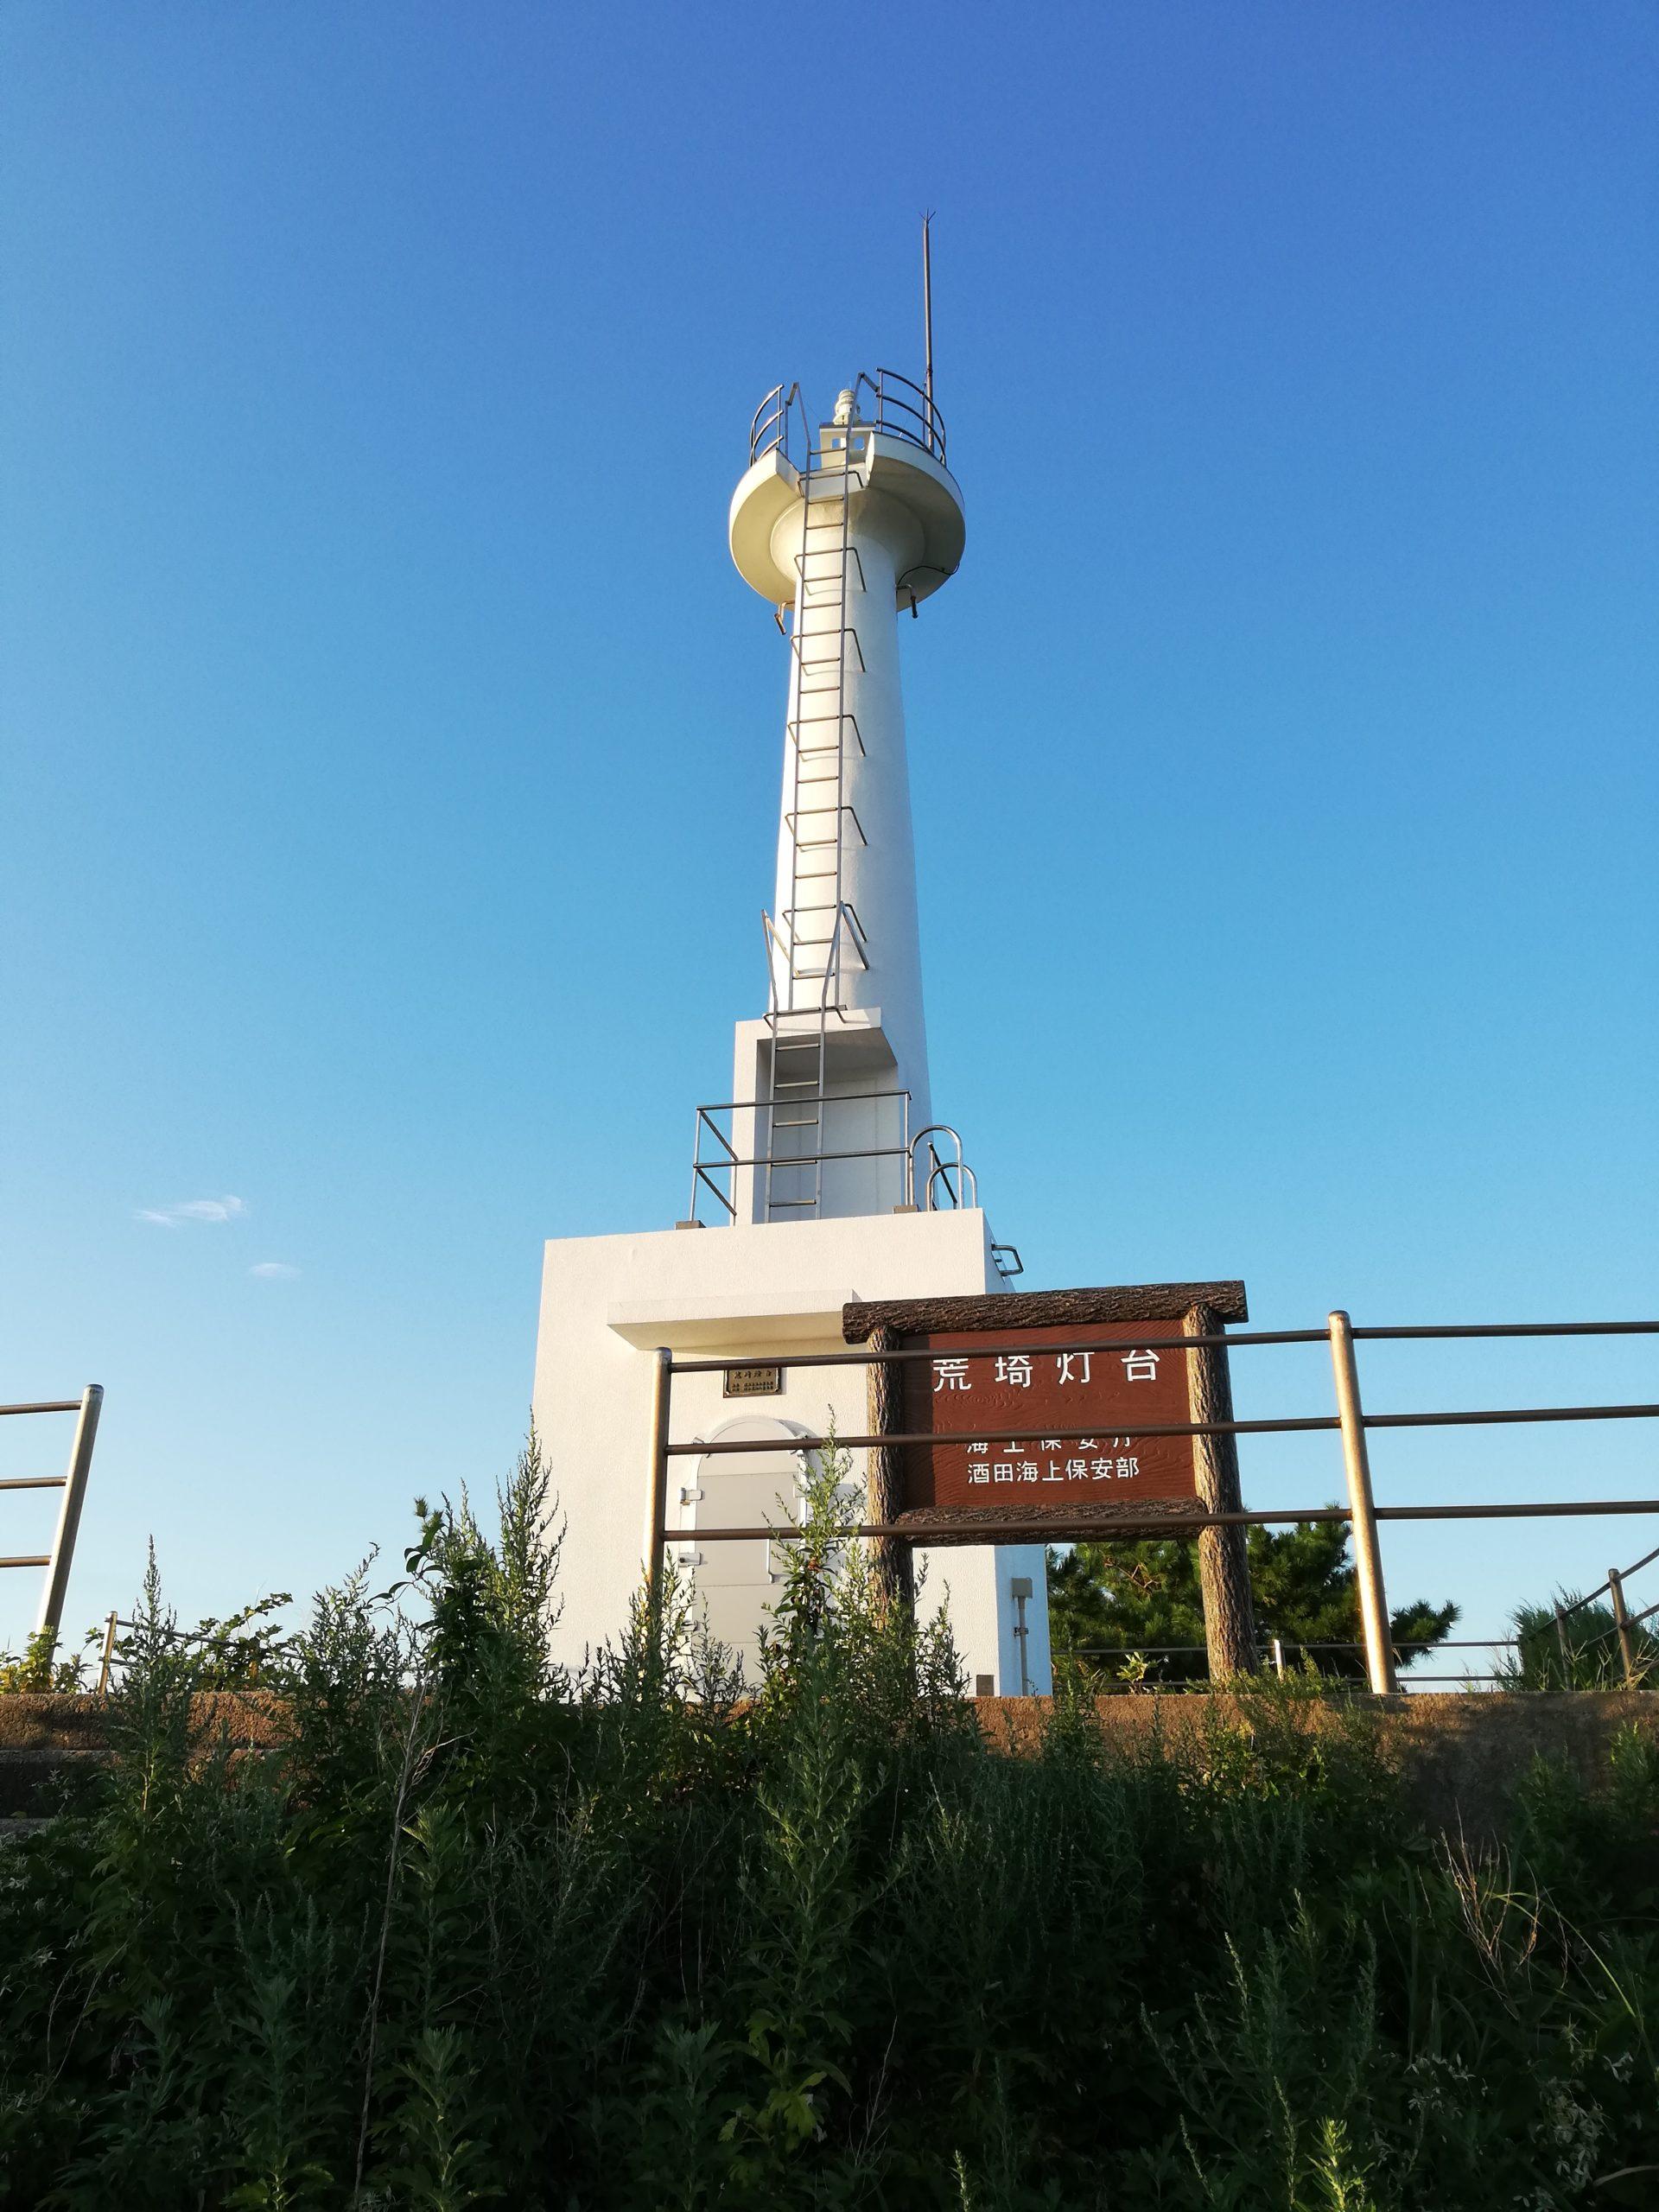 加茂水族館を訪れたら立ち寄りたい!夕日の絶景スポット『荒崎灯台』へ